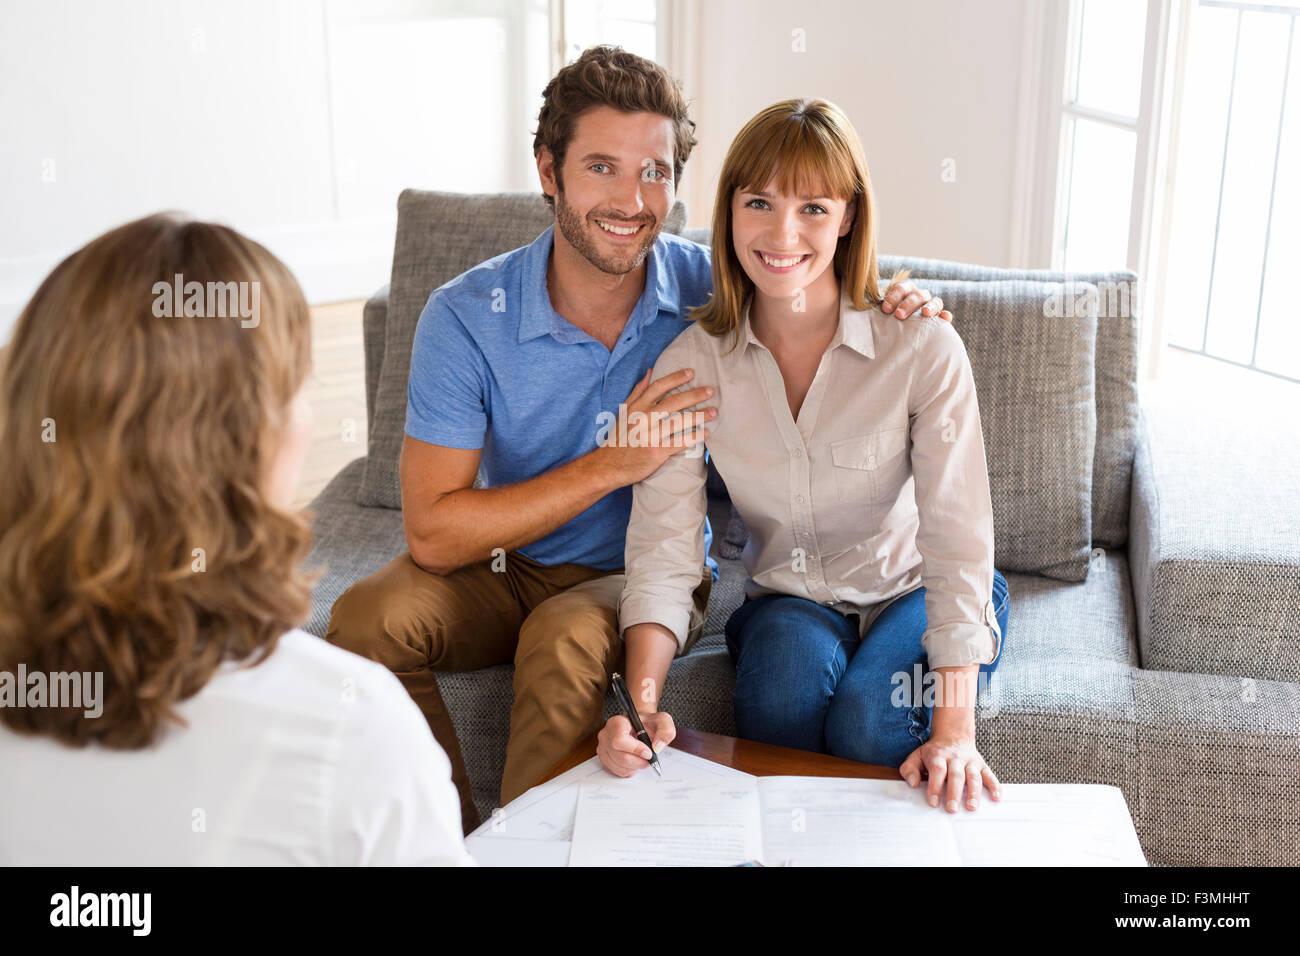 Junges Paar Besitzer Immobilienmakler für Haus-Investition zu treffen. Unterzeichnung eines Vertrages. Gesicht Stockbild